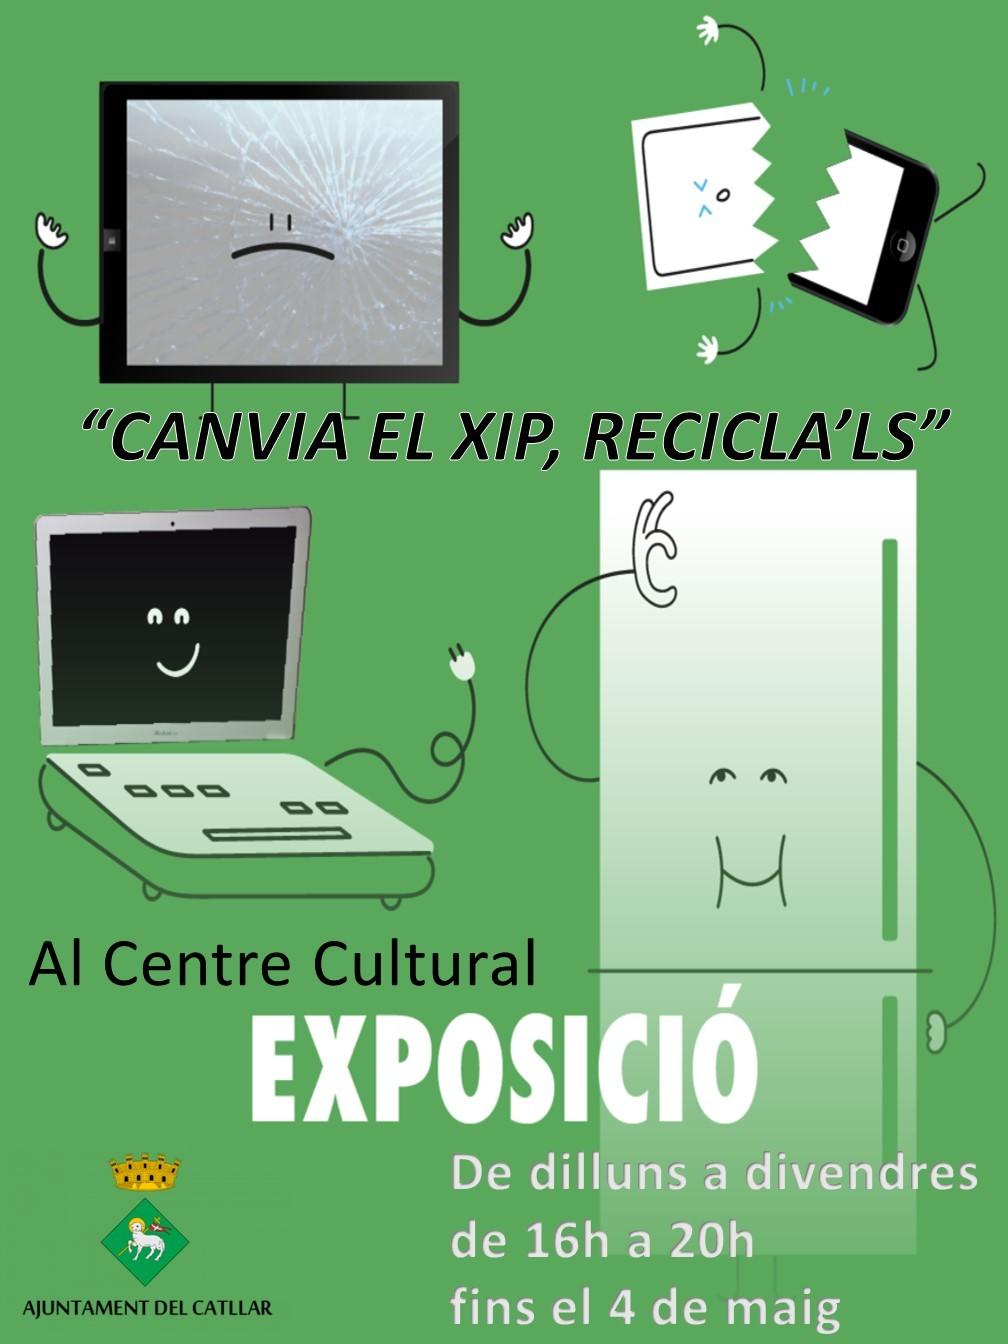 """EXPOSICIÓ CENTRE CULTURAL """"CANVIA EL XIP, RECICLA'LS"""""""